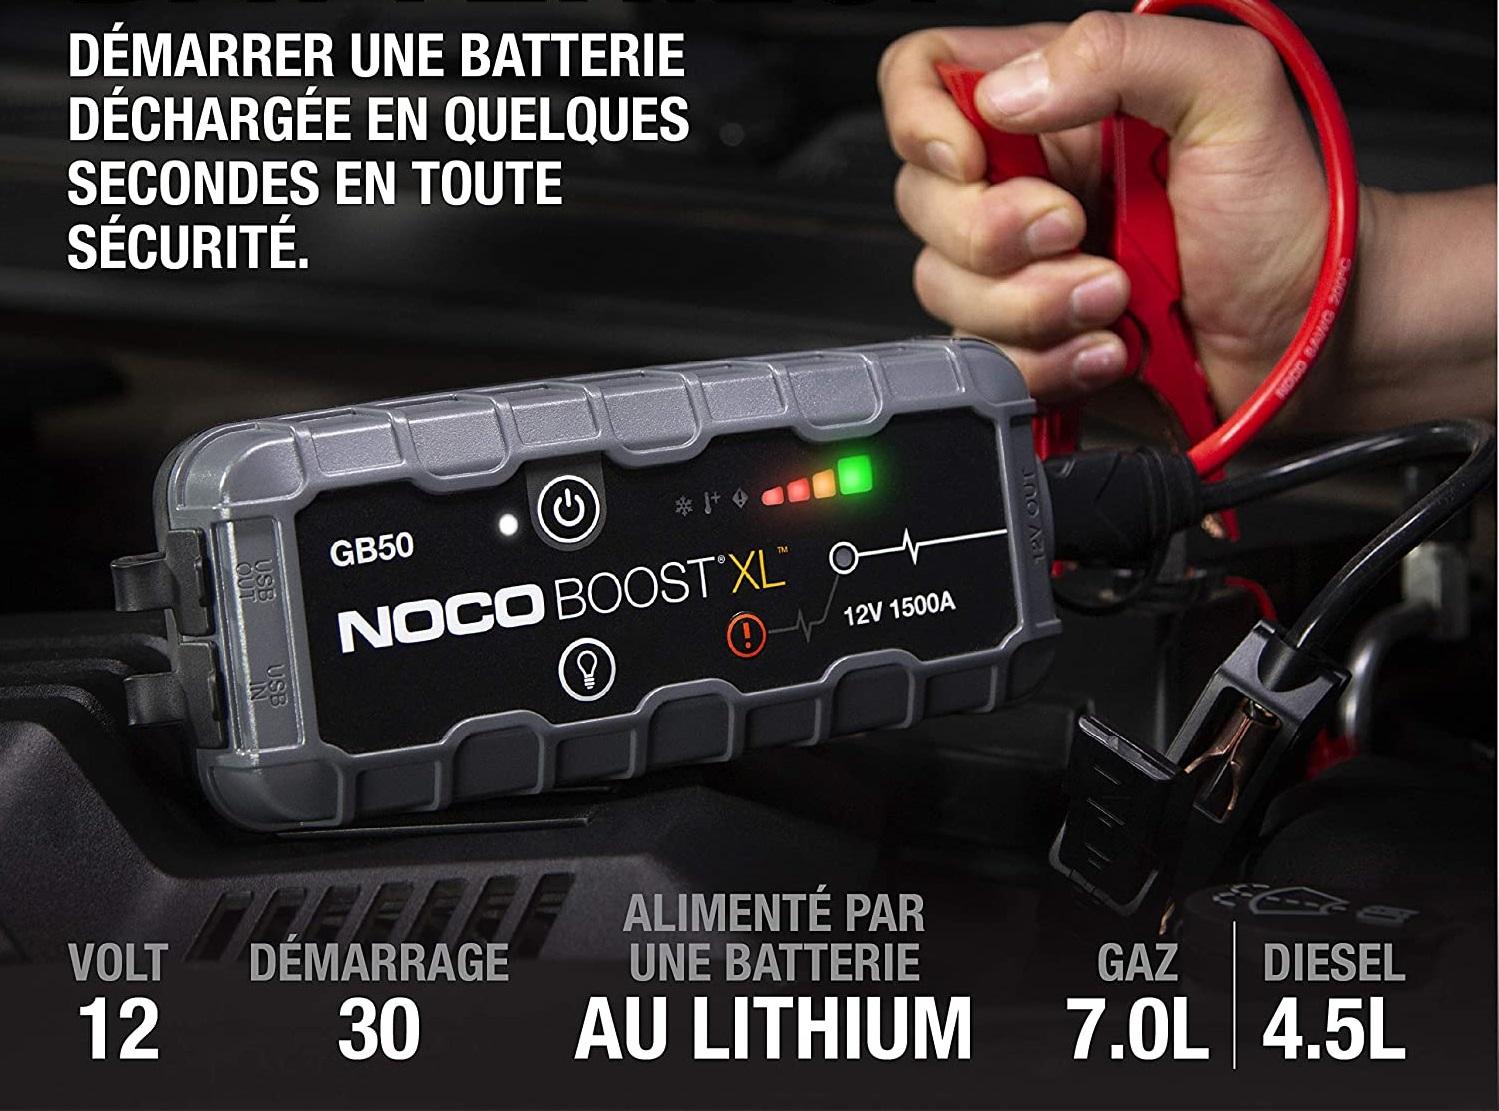 Noco GB50 : redémarrez jusqu'à 30 fois la batterie de votre véhicule